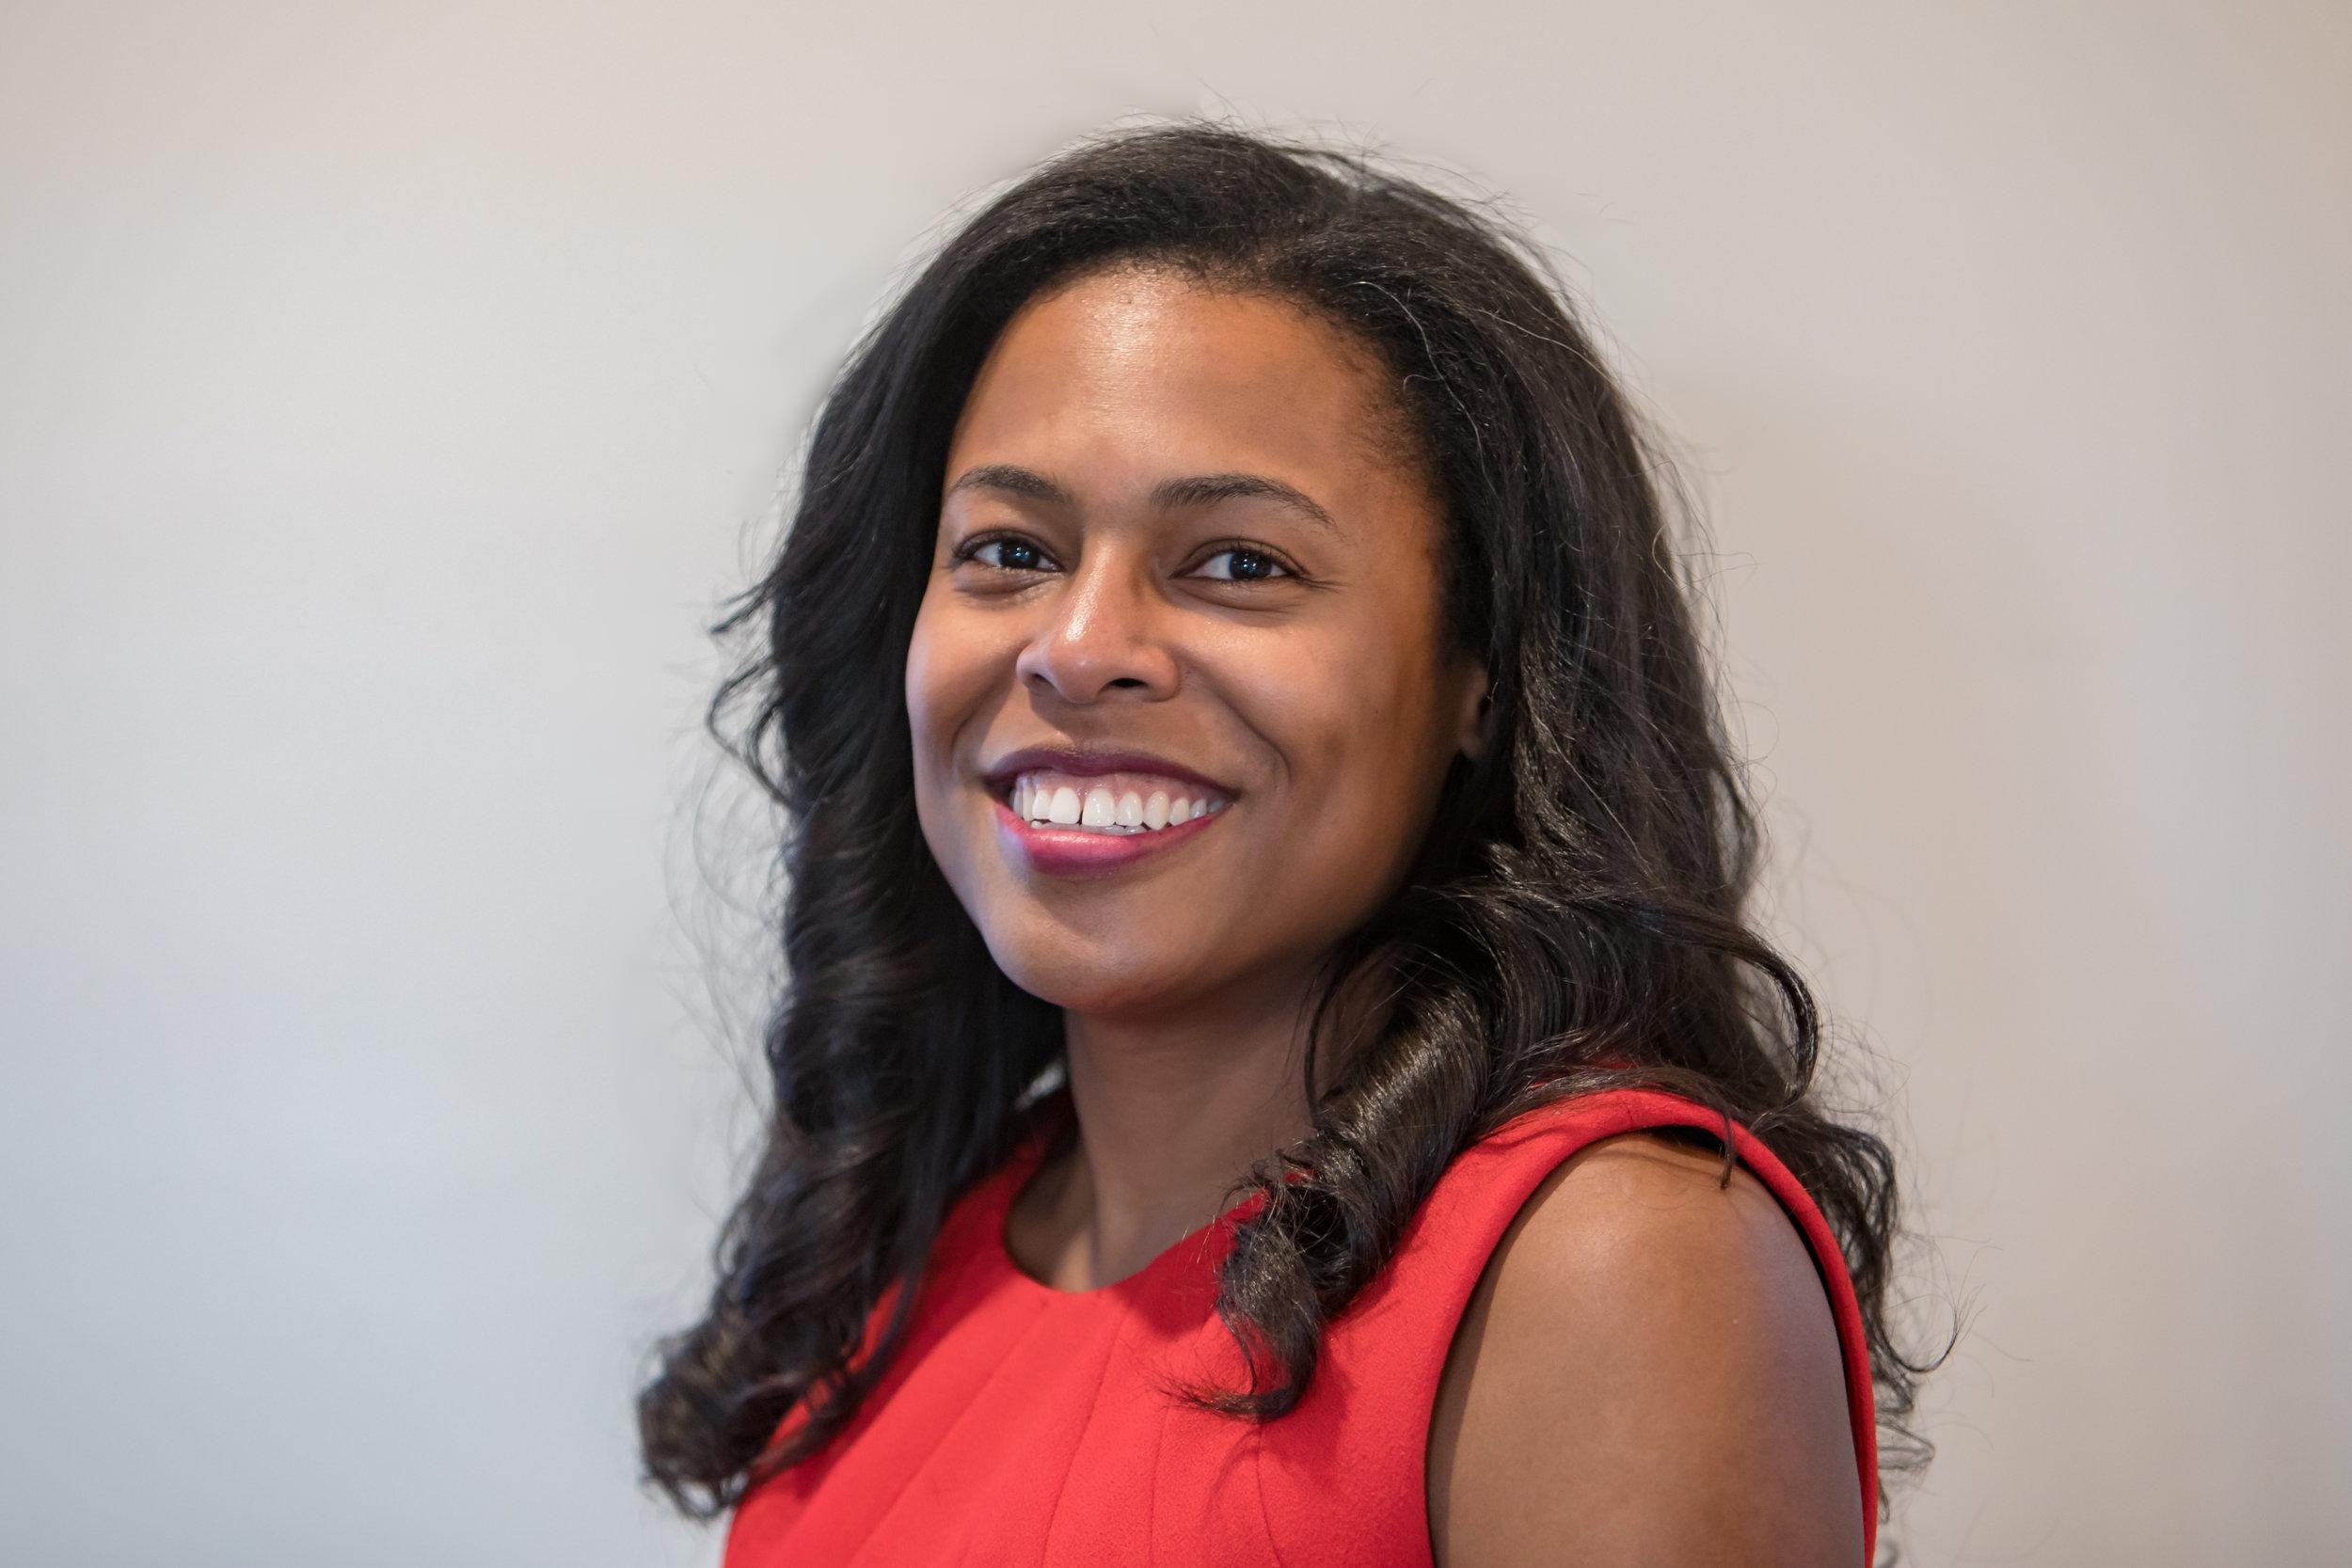 Lauren Bell, Founder of LaCire